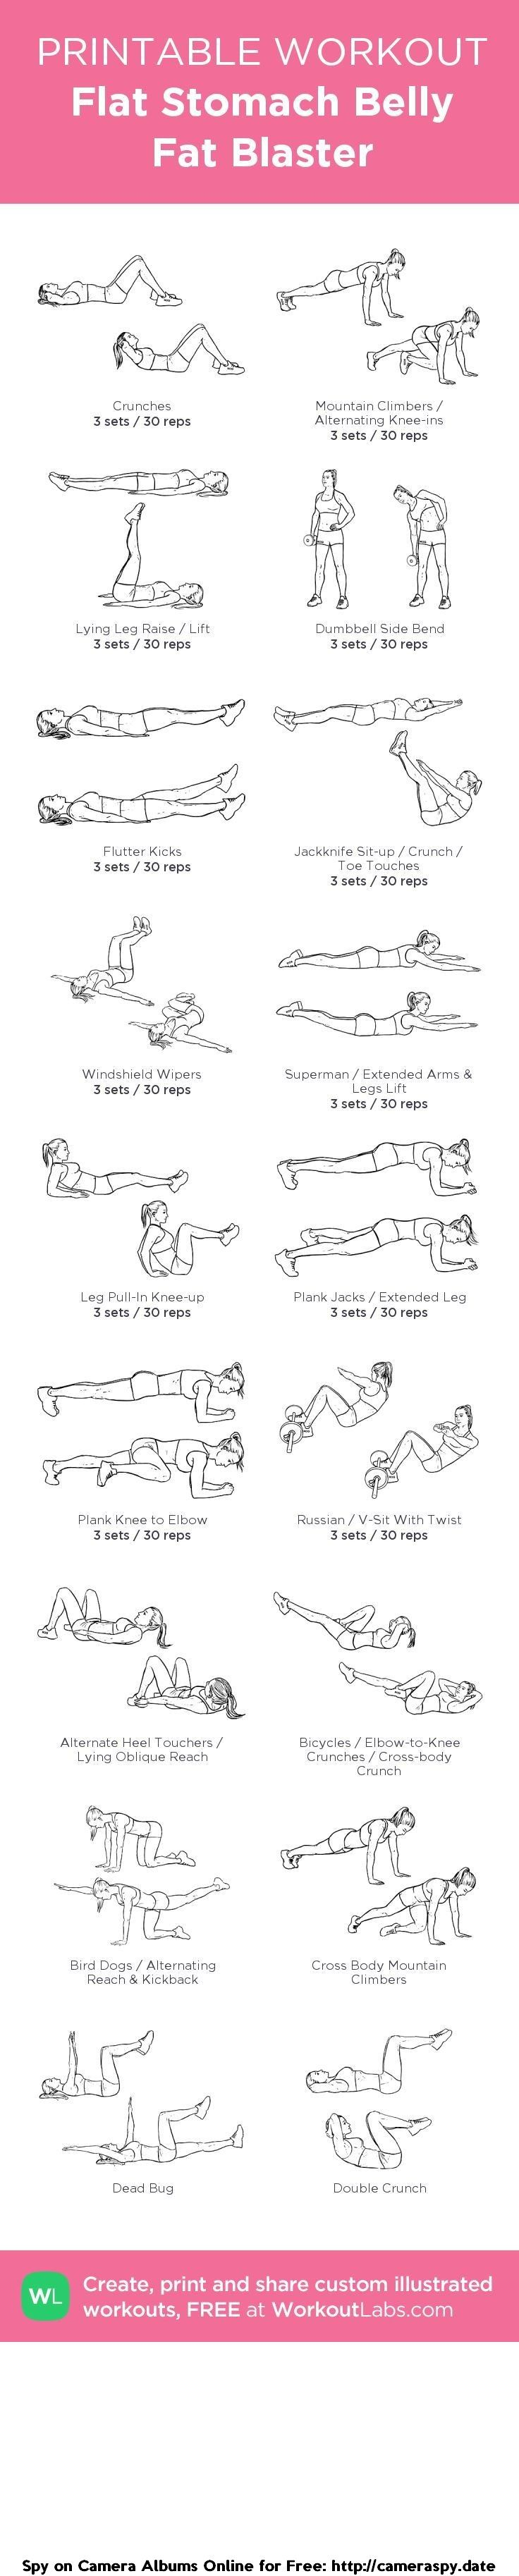 30 day summer slim down challenge image 7